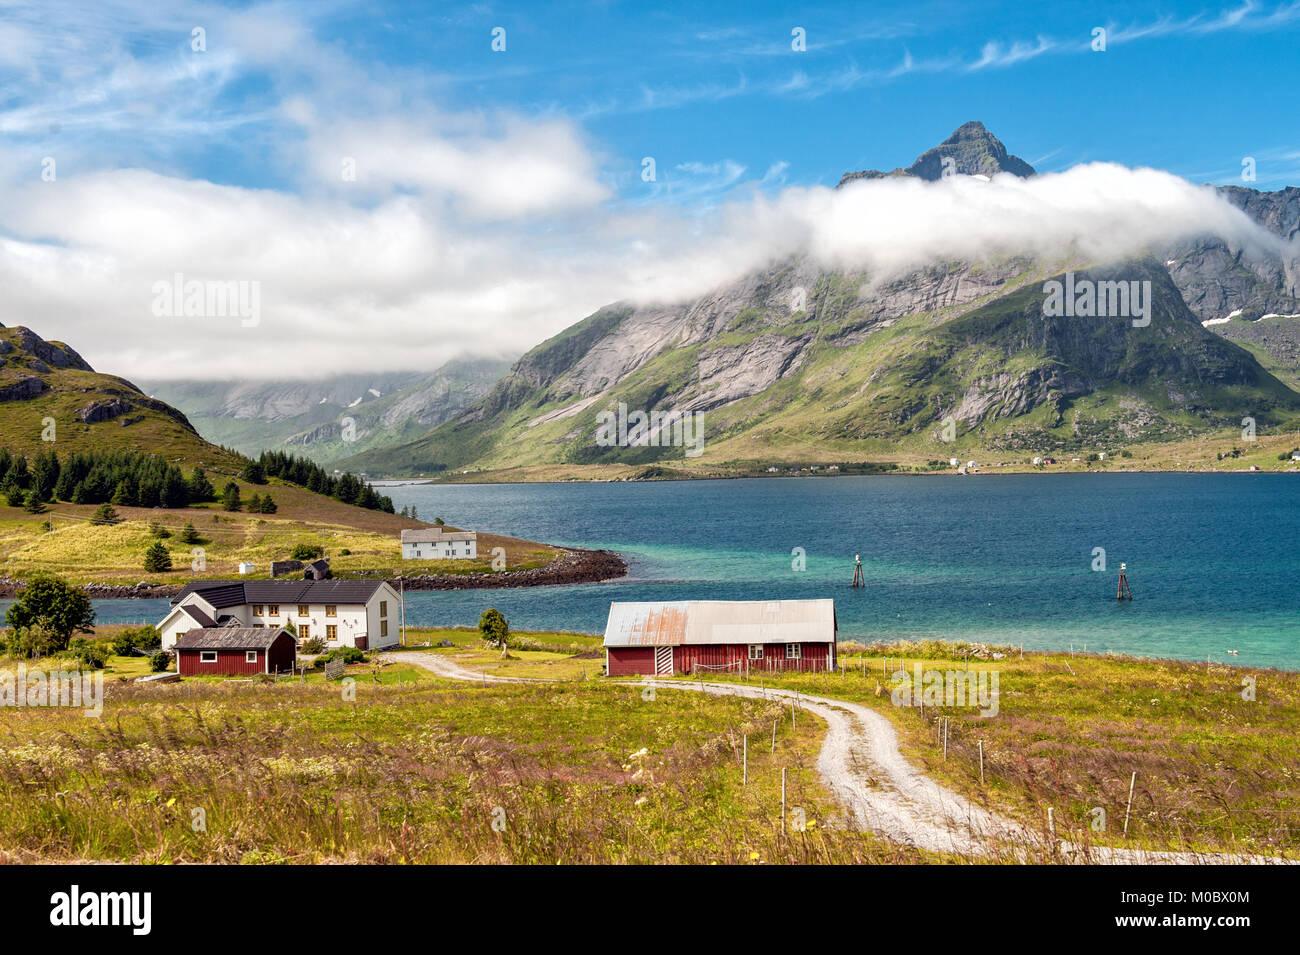 Tourist destination immagini tourist destination fotos for Planimetrie tradizionali della fattoria